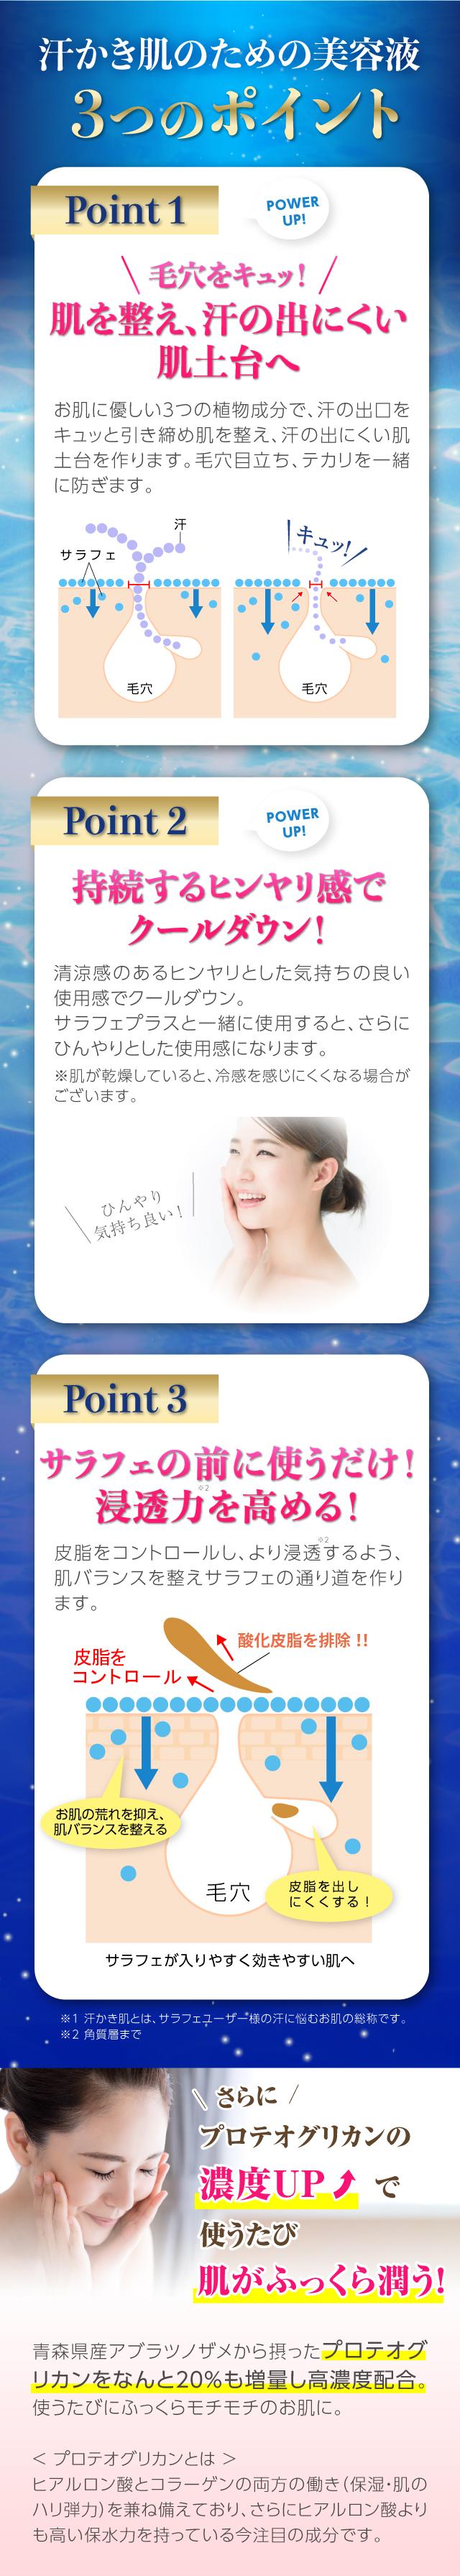 汗かき肌のための美容液3つのポイント